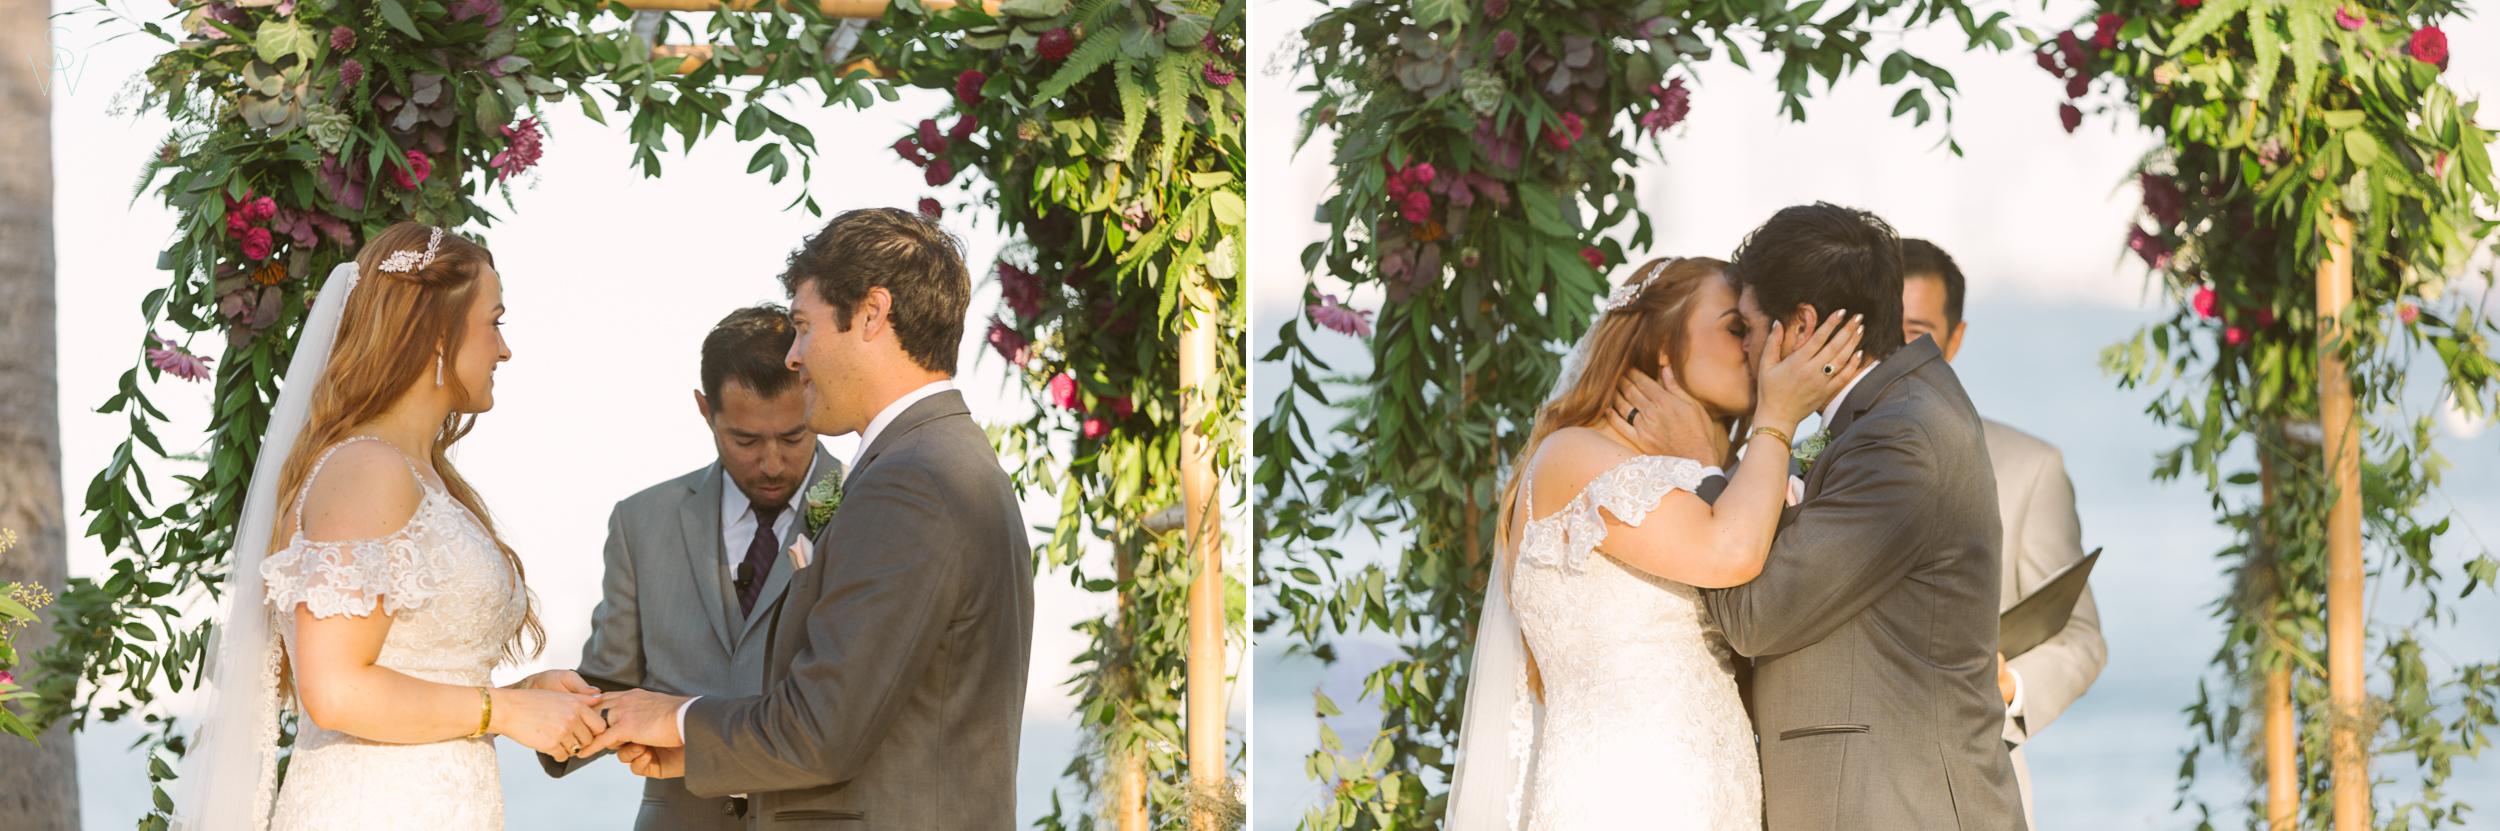 149San.diego.wedding.shewanders.photography.JPG